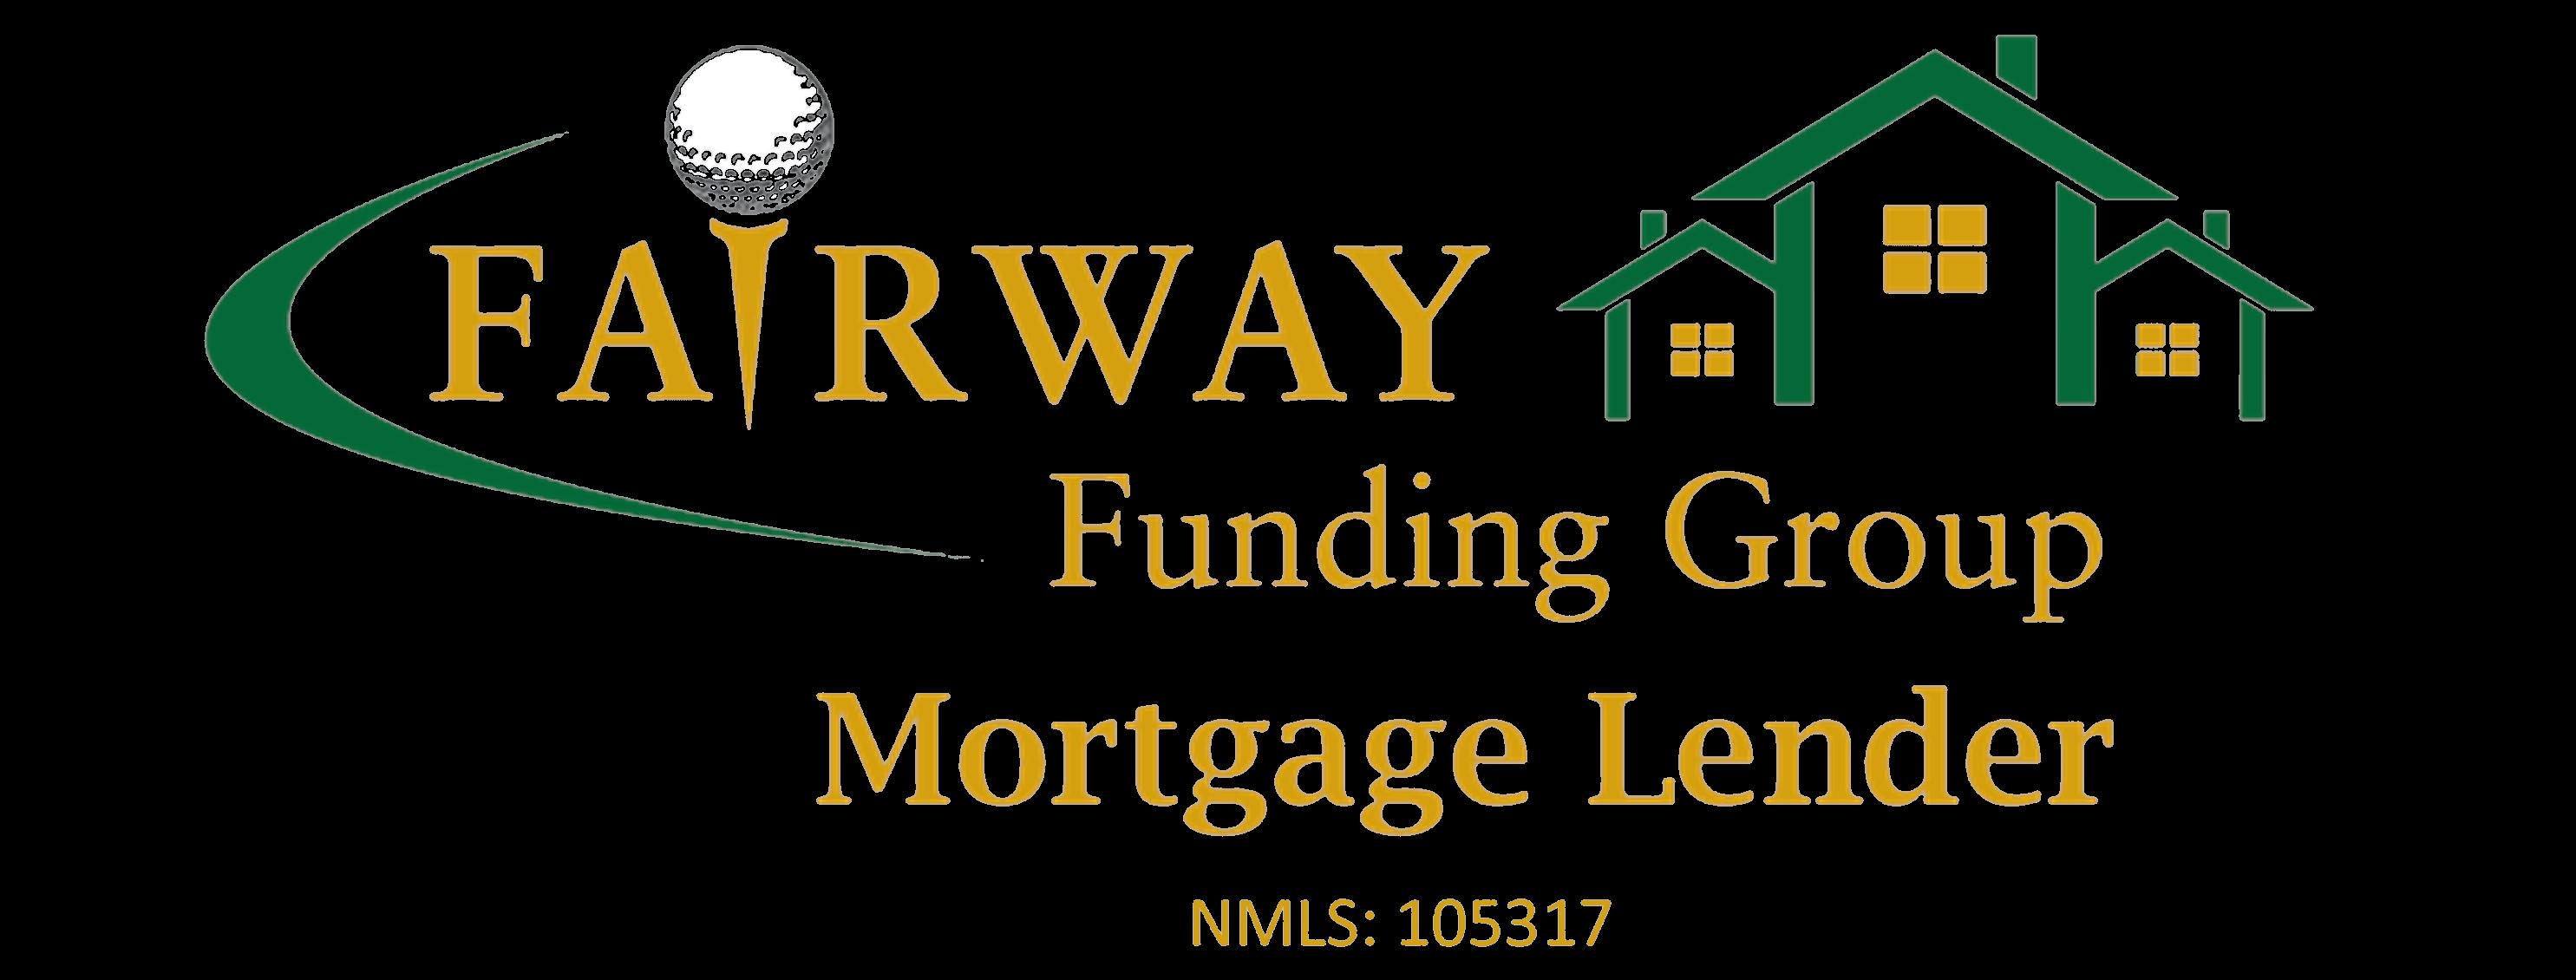 Fairway Funding Group Inc